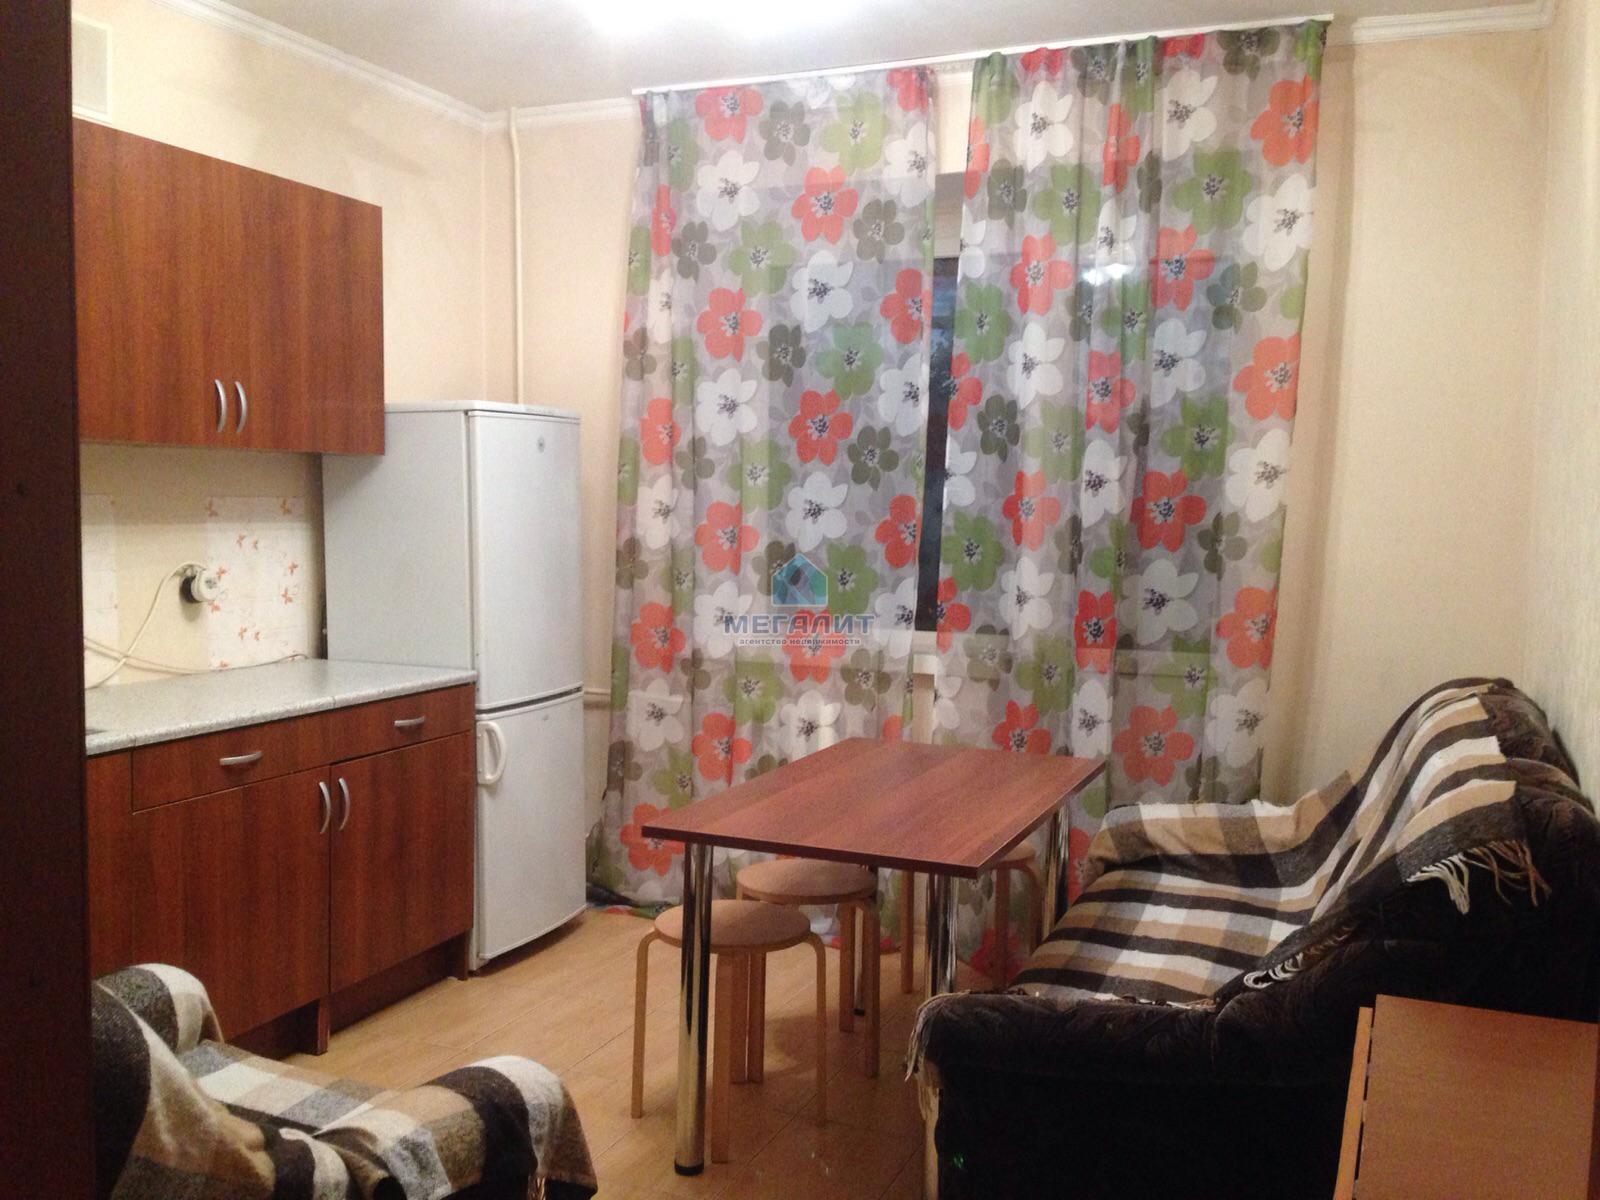 Аренда 1-к квартиры Мидхата Булатова 5, 50.0 м² (миниатюра №2)